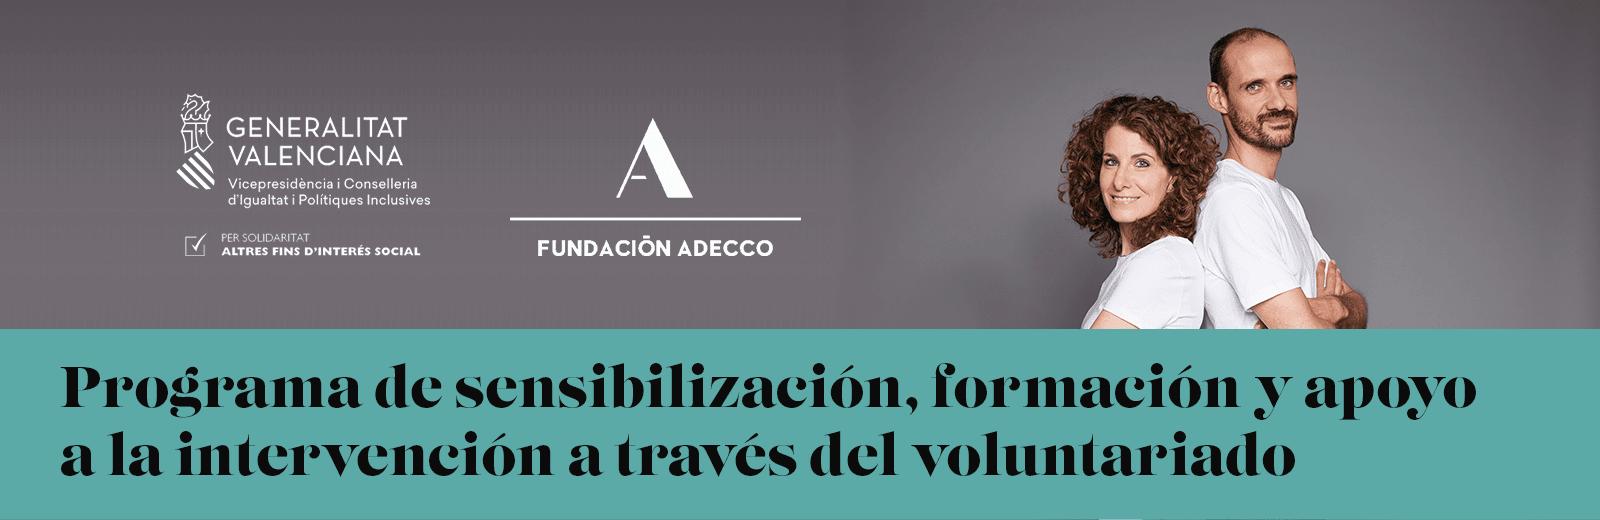 Programa de sensibilización, formación y apoyo a la intervención a través del voluntariado